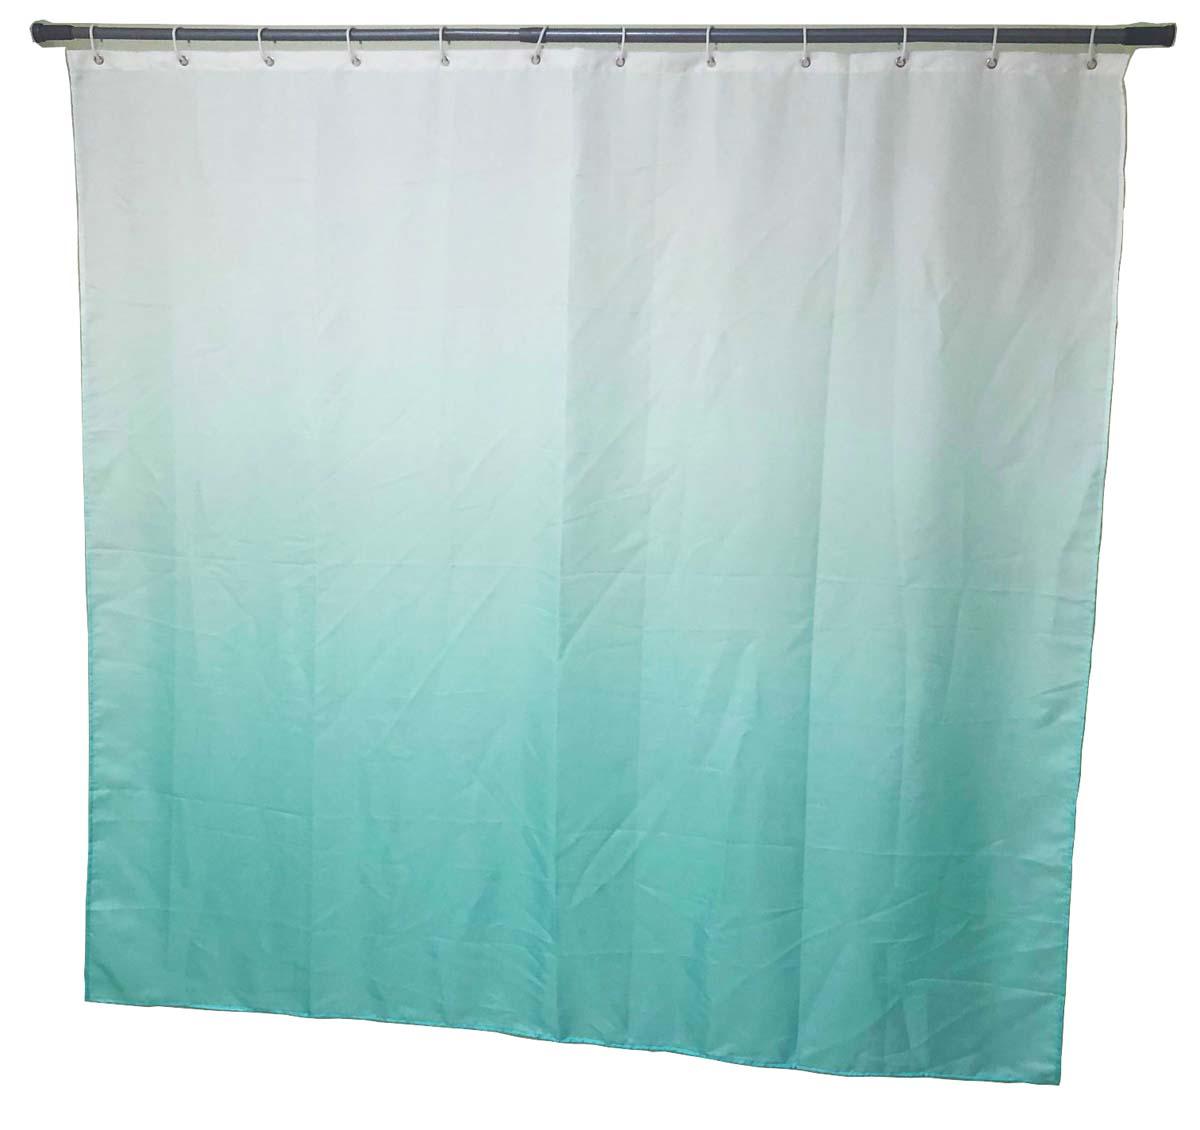 Штора для ванной Swensa Gradient, цвет: голубой, 180 х 180 см штора для ванной swensa бамбук цвет зеленый 180 х 180 см